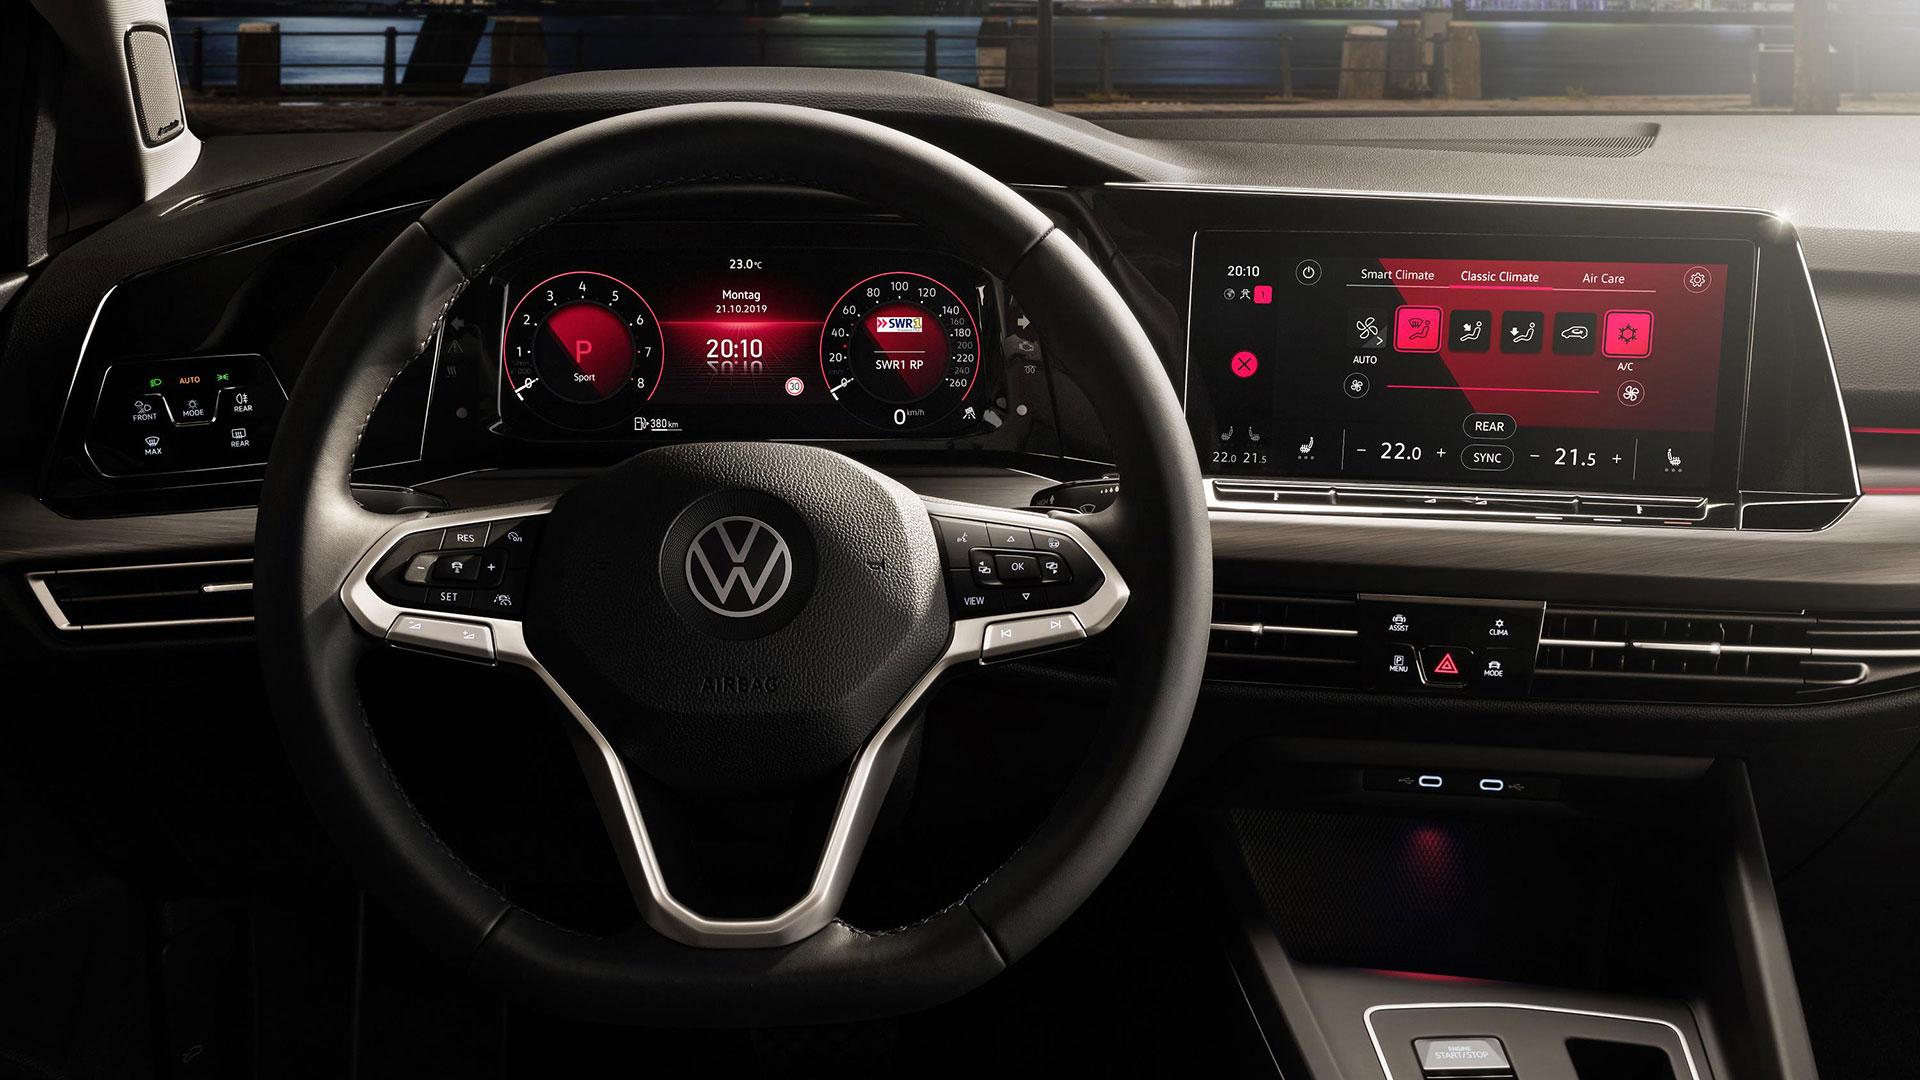 Volkswagen Golf 8 dashboard